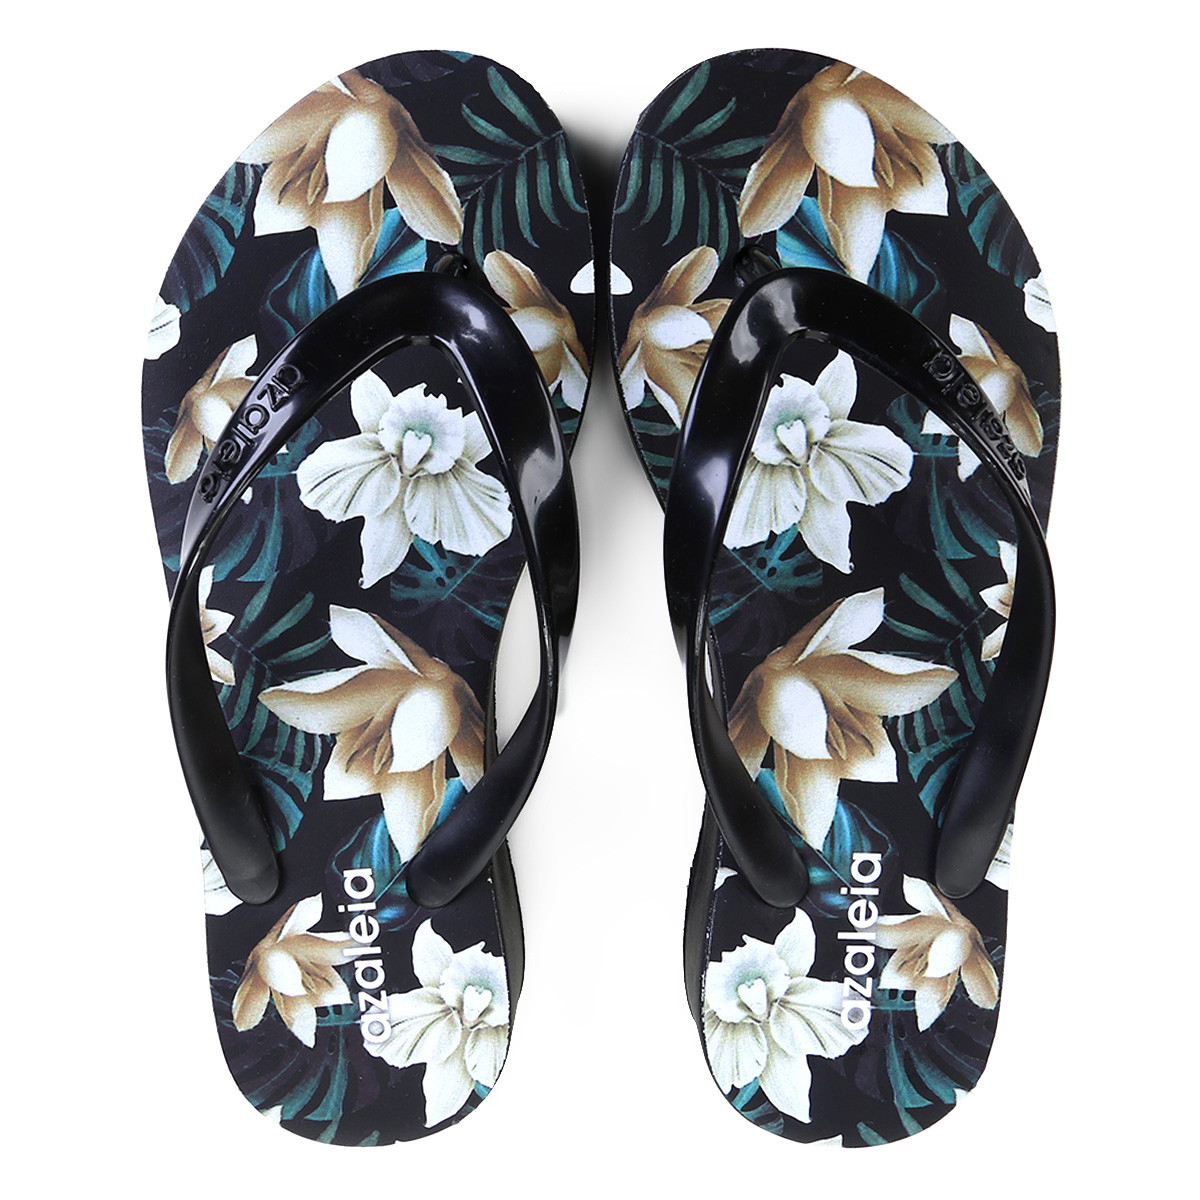 e0b6670092 Chinelo Azaleia Floral Feminino Preto - Compre Agora